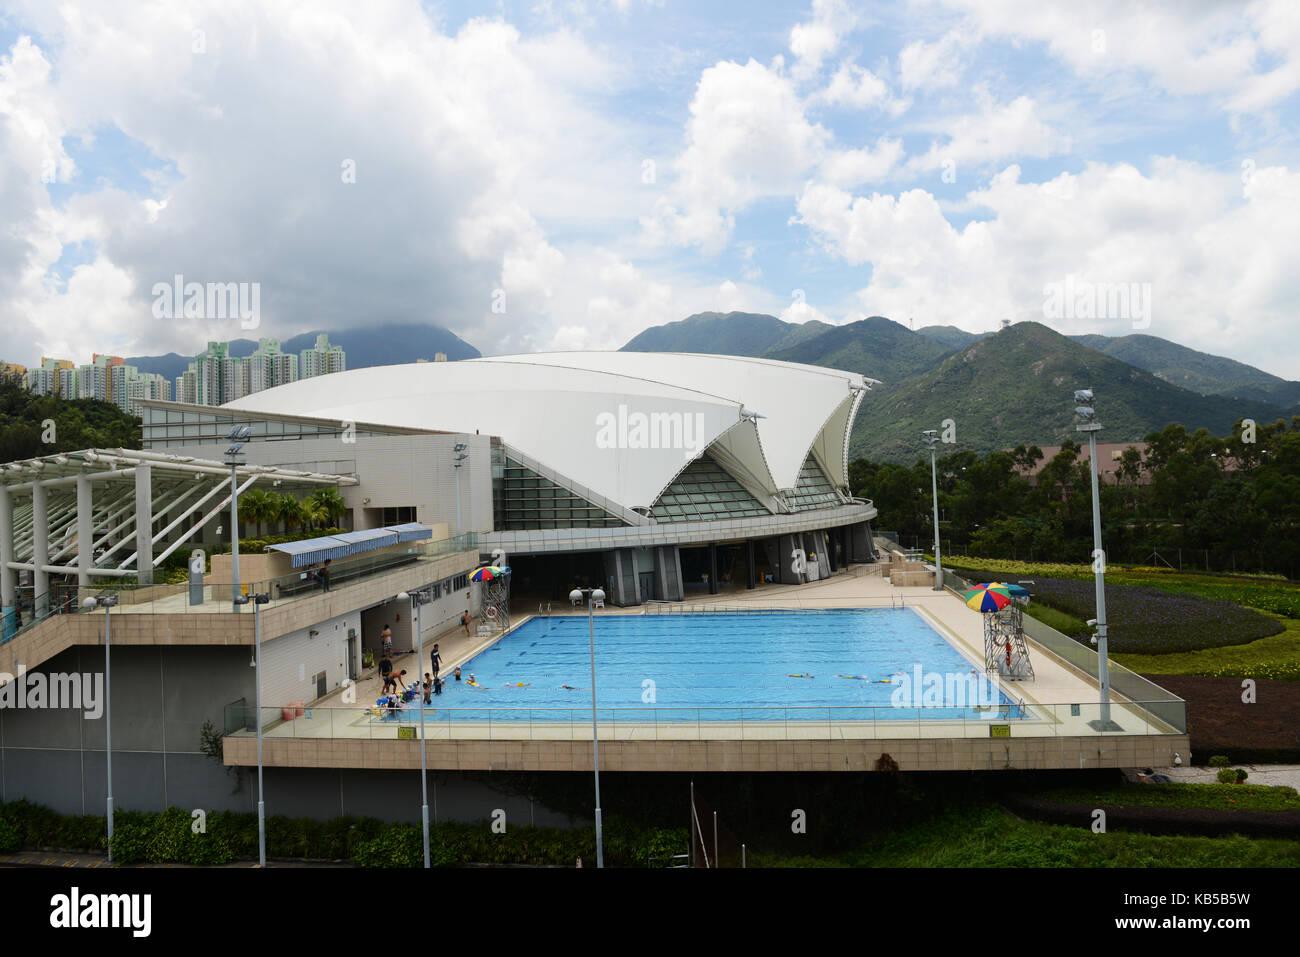 The Tung Chung Swimming Pool in Lantau. - Stock Image